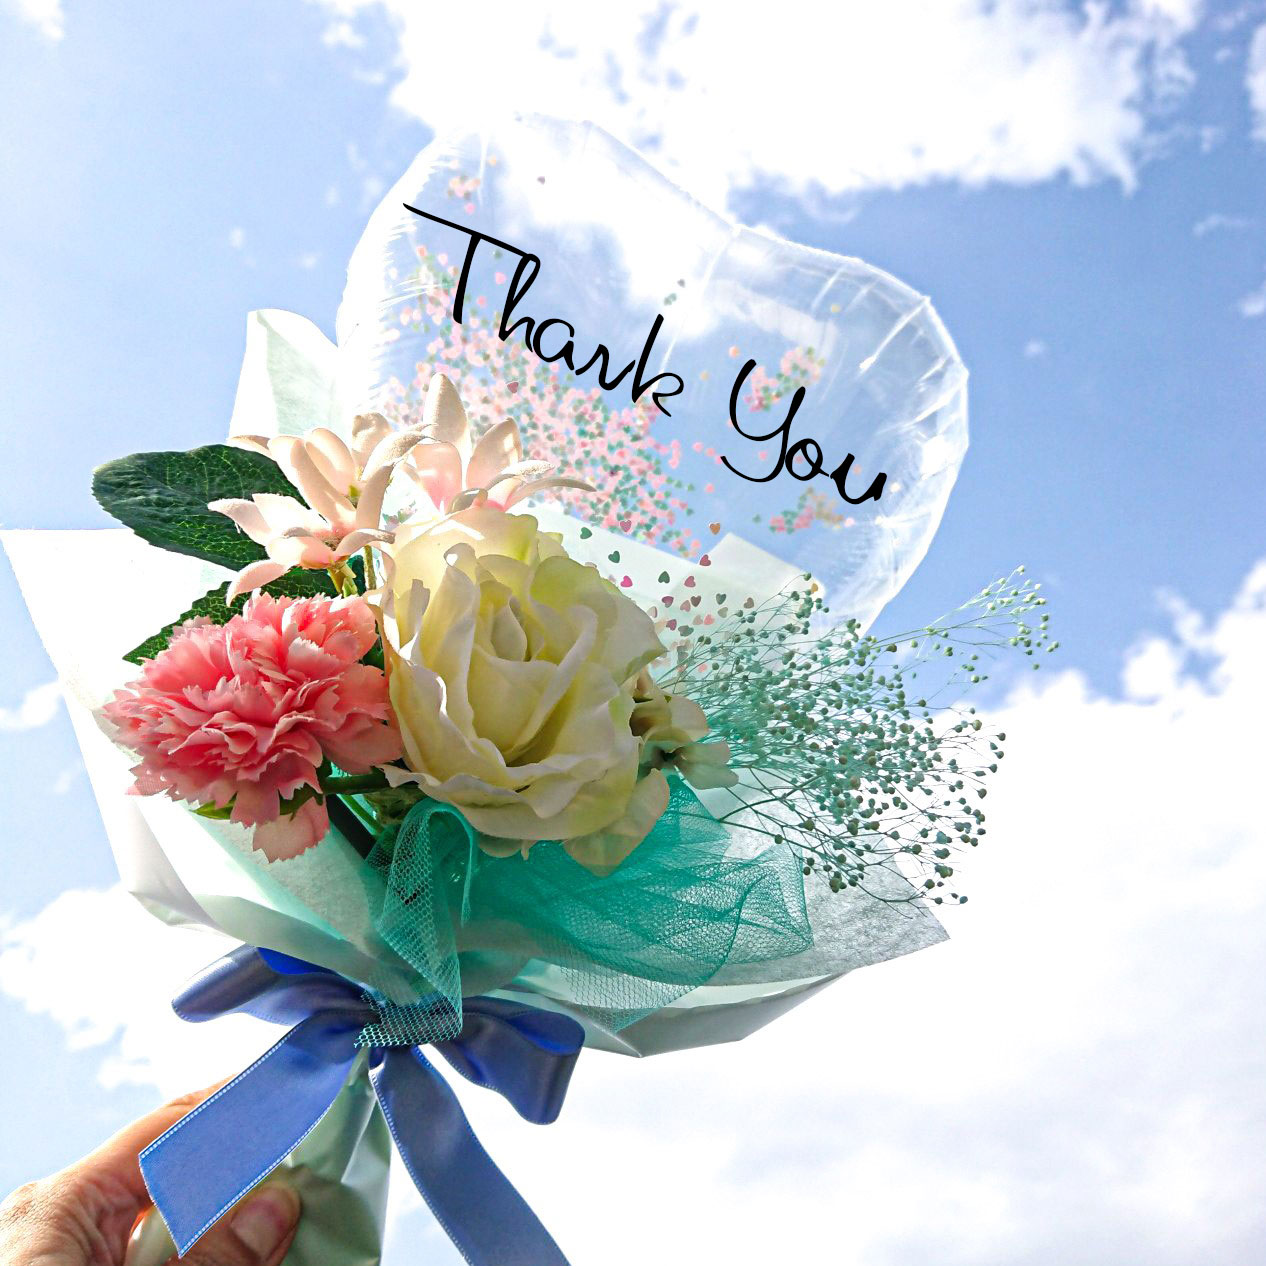 2021年新作 kawaiiママ ハートコンフェティシリーズ 母の日花束タイプピンク 「ミントグリーンかすみ風 ママ束 バルーンギフト」 hm0050